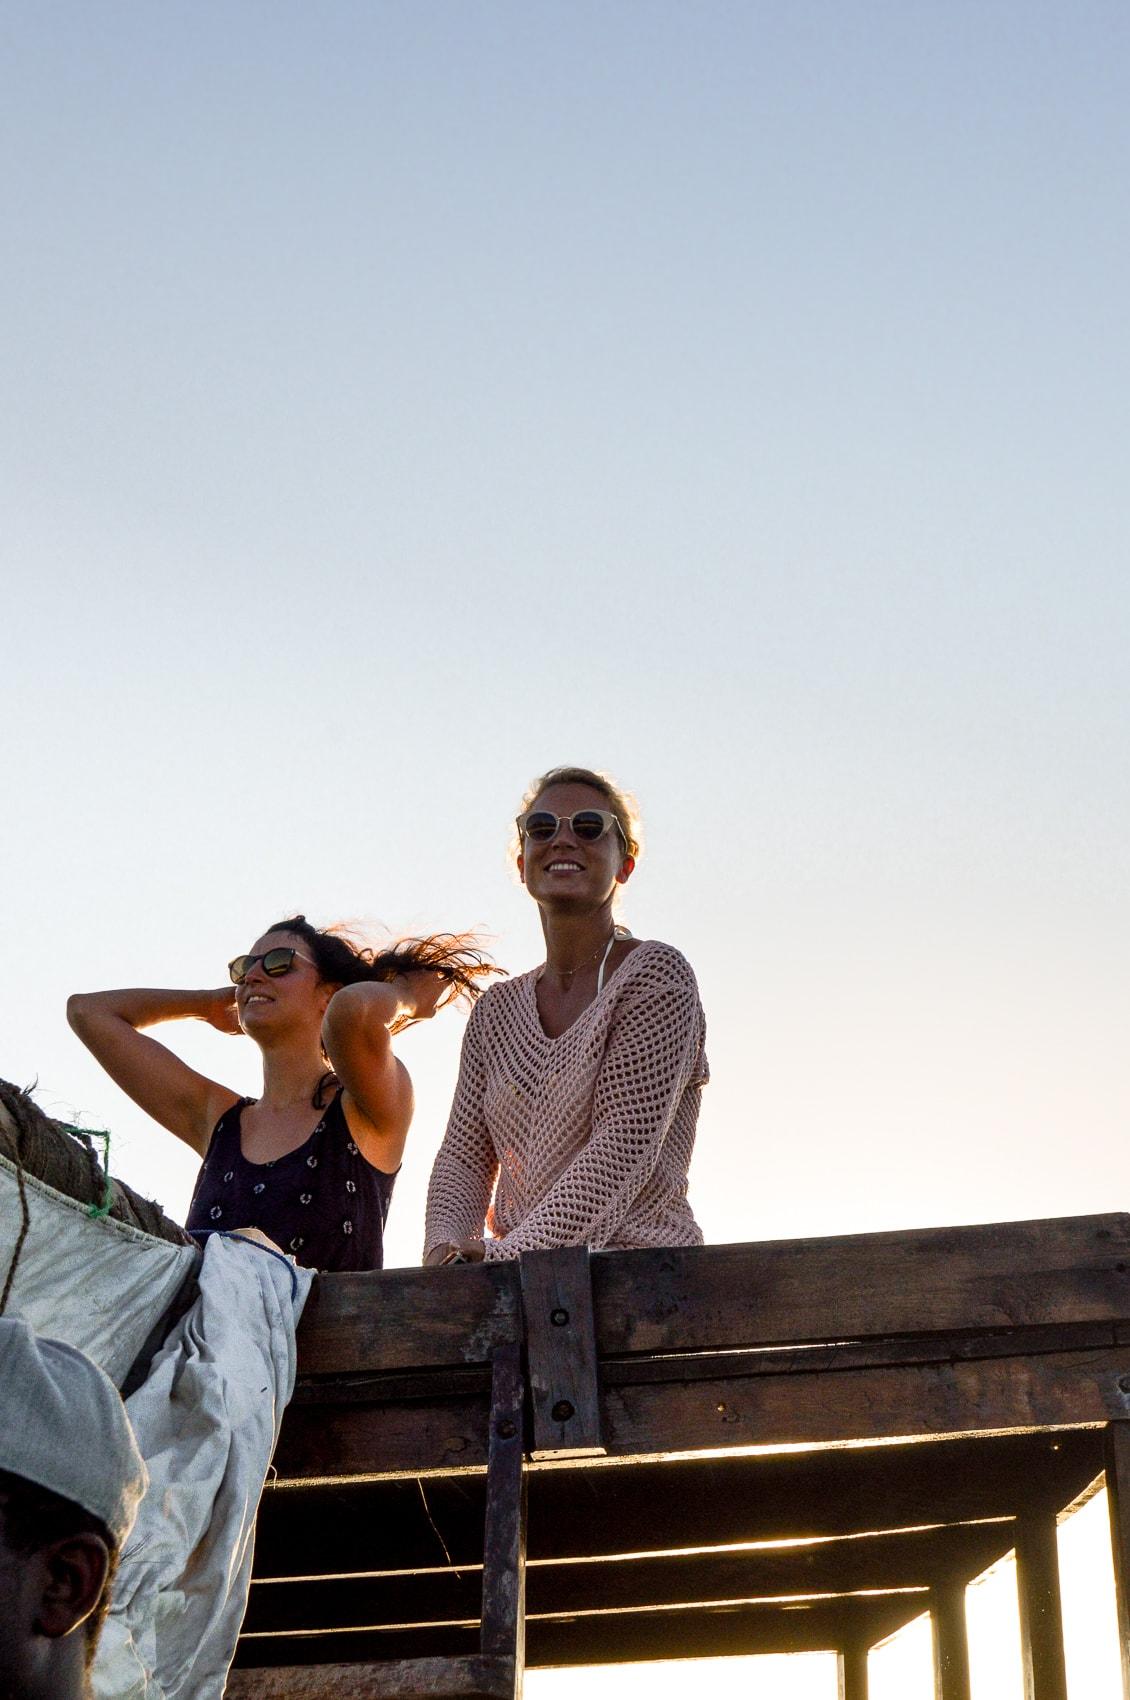 fünf-dinge-die-dich-auf-der-trauminsel-sansibar-überraschen-werden-sunset-cruise-kendwa-beach-reiseblog-des-belles-choses 9